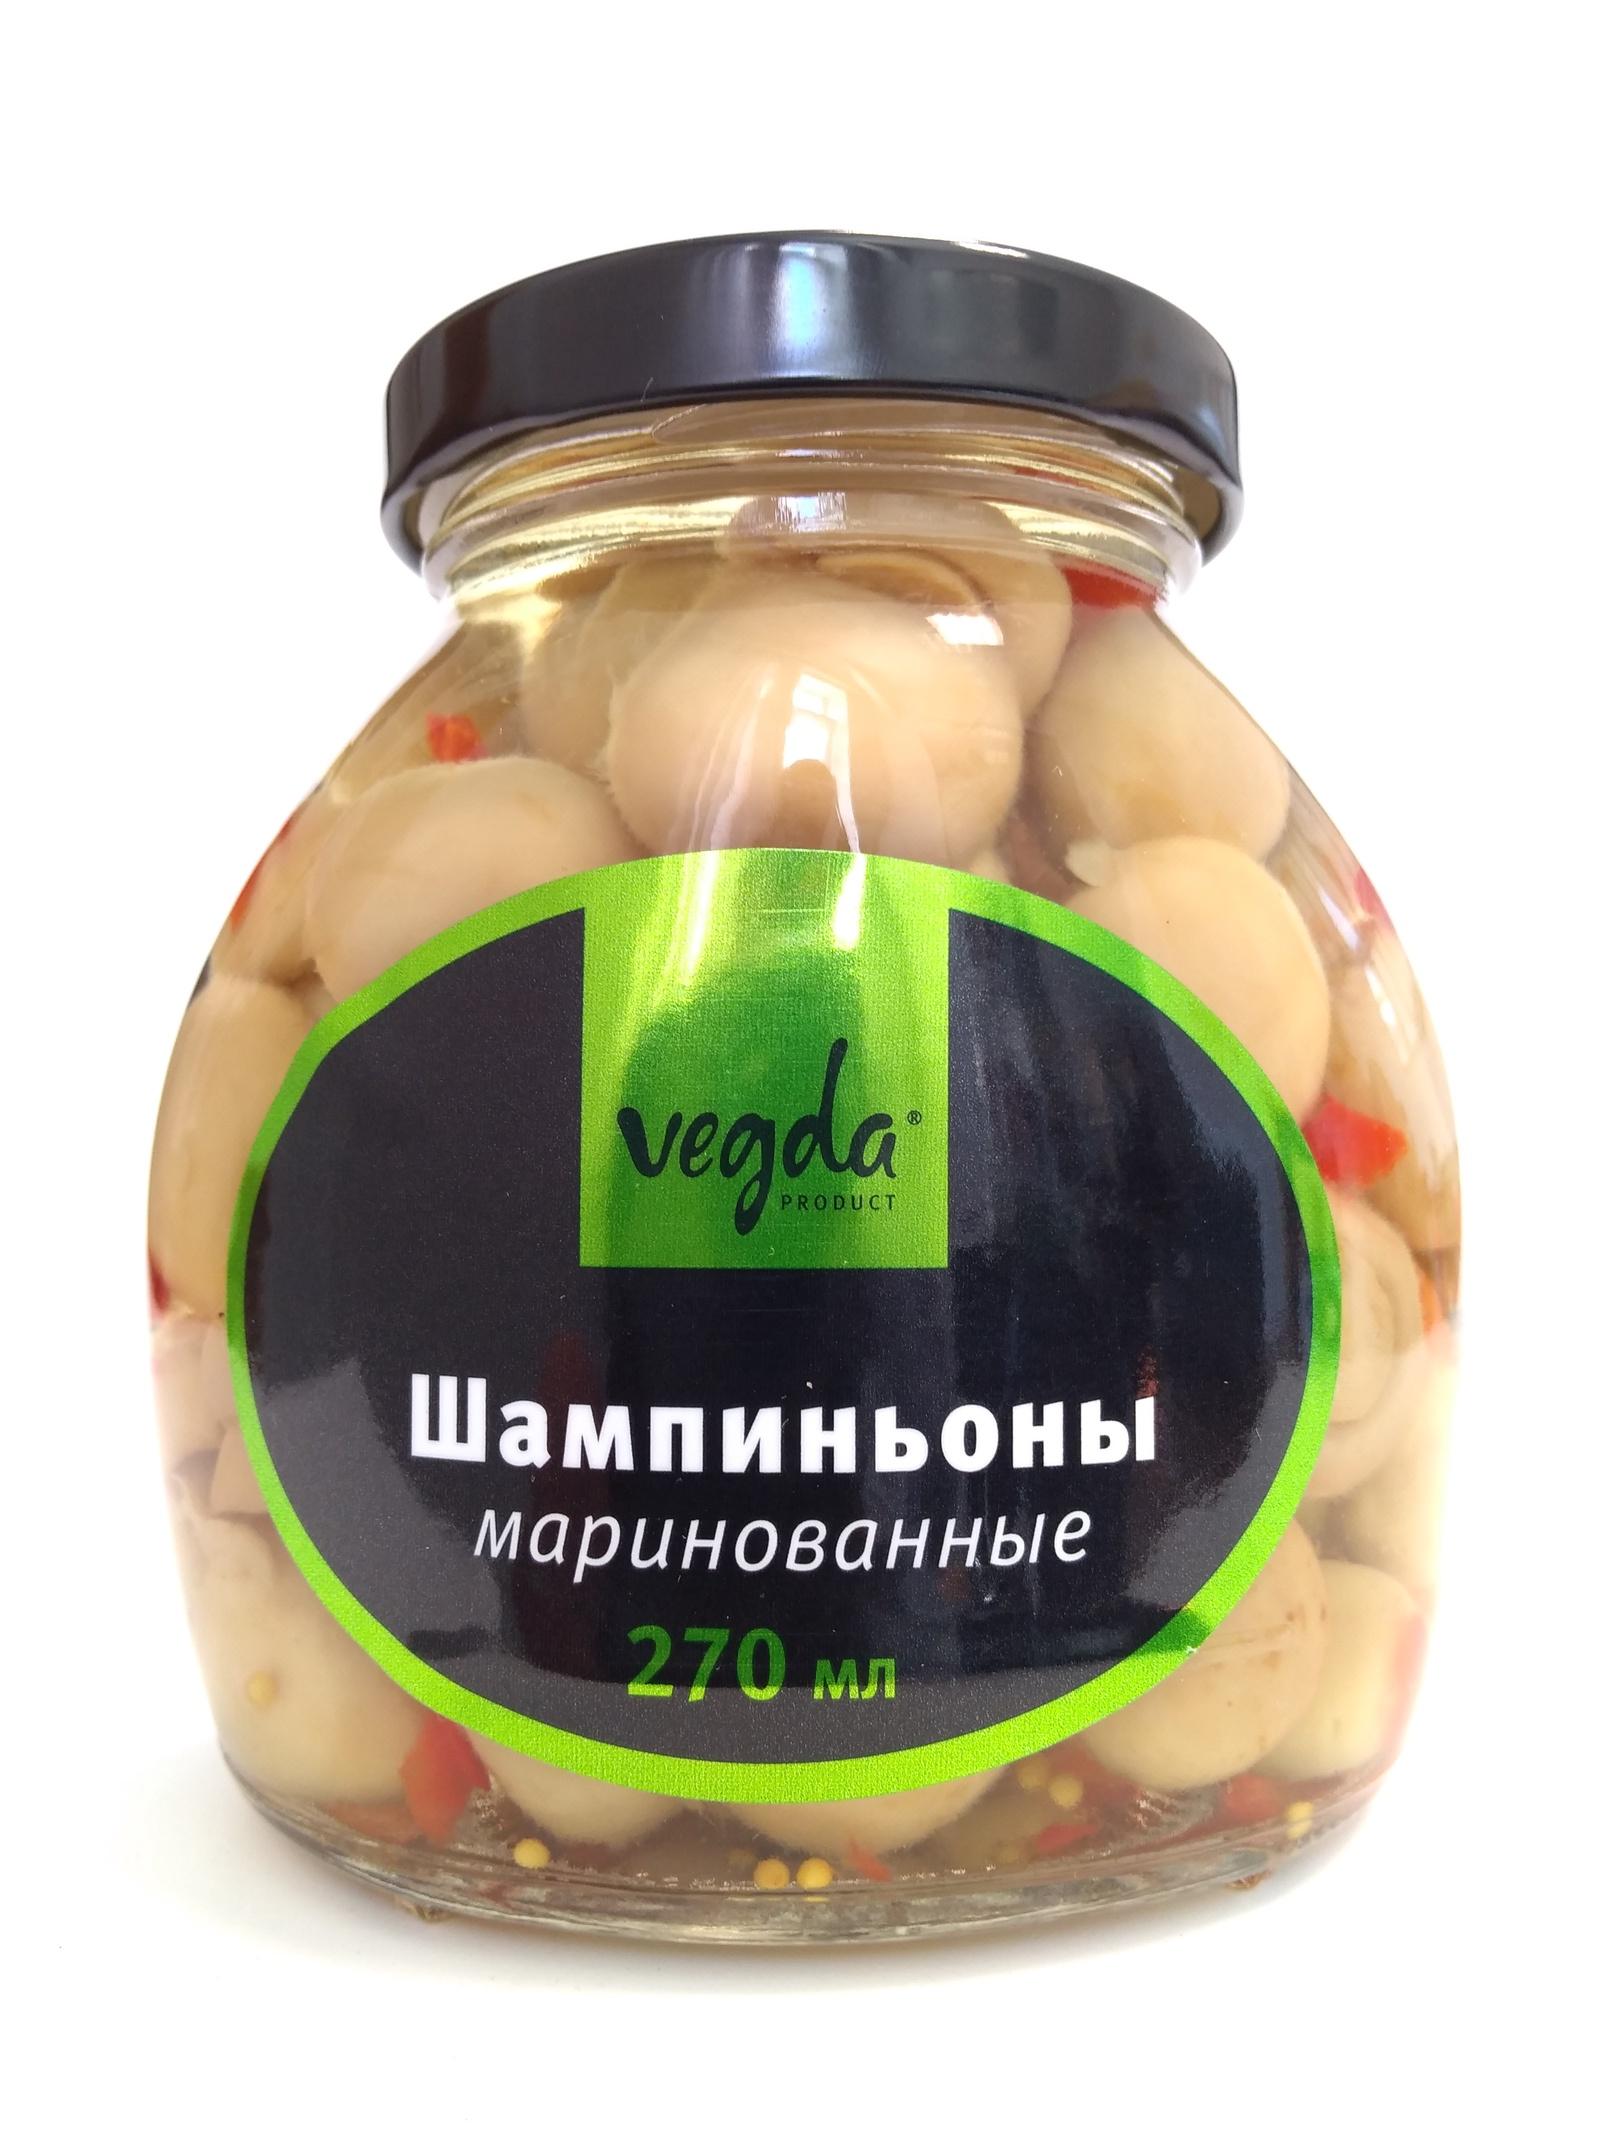 Грибные консервы Vegda Product шампиньоны маринованные Стеклянная банка, 250 стоимость